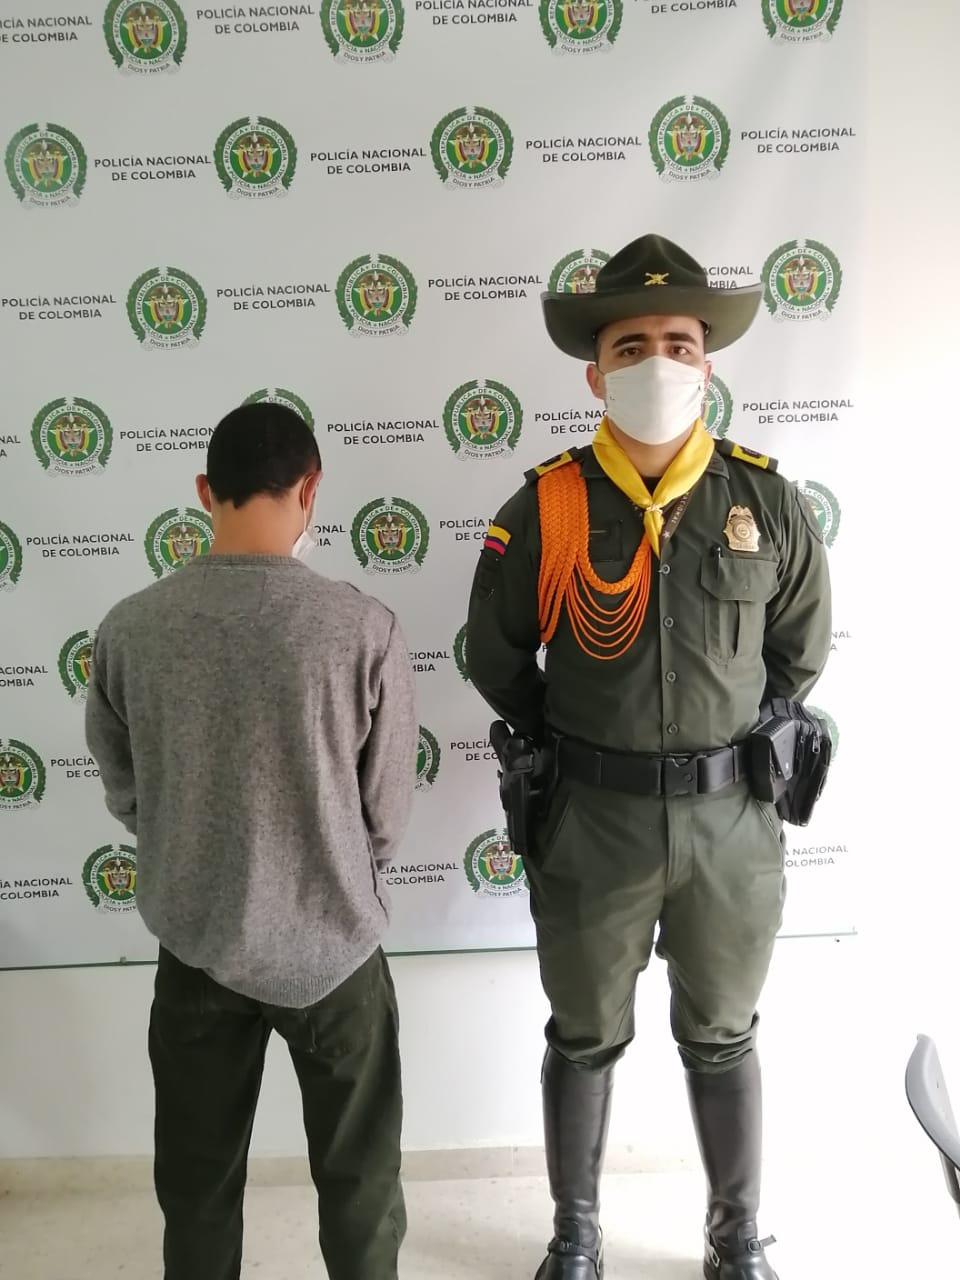 La @PoliciaMzales capturan  a una persona que pretendía ingresar a la cárcel de varones Manizales 390 gr de estupefacientes